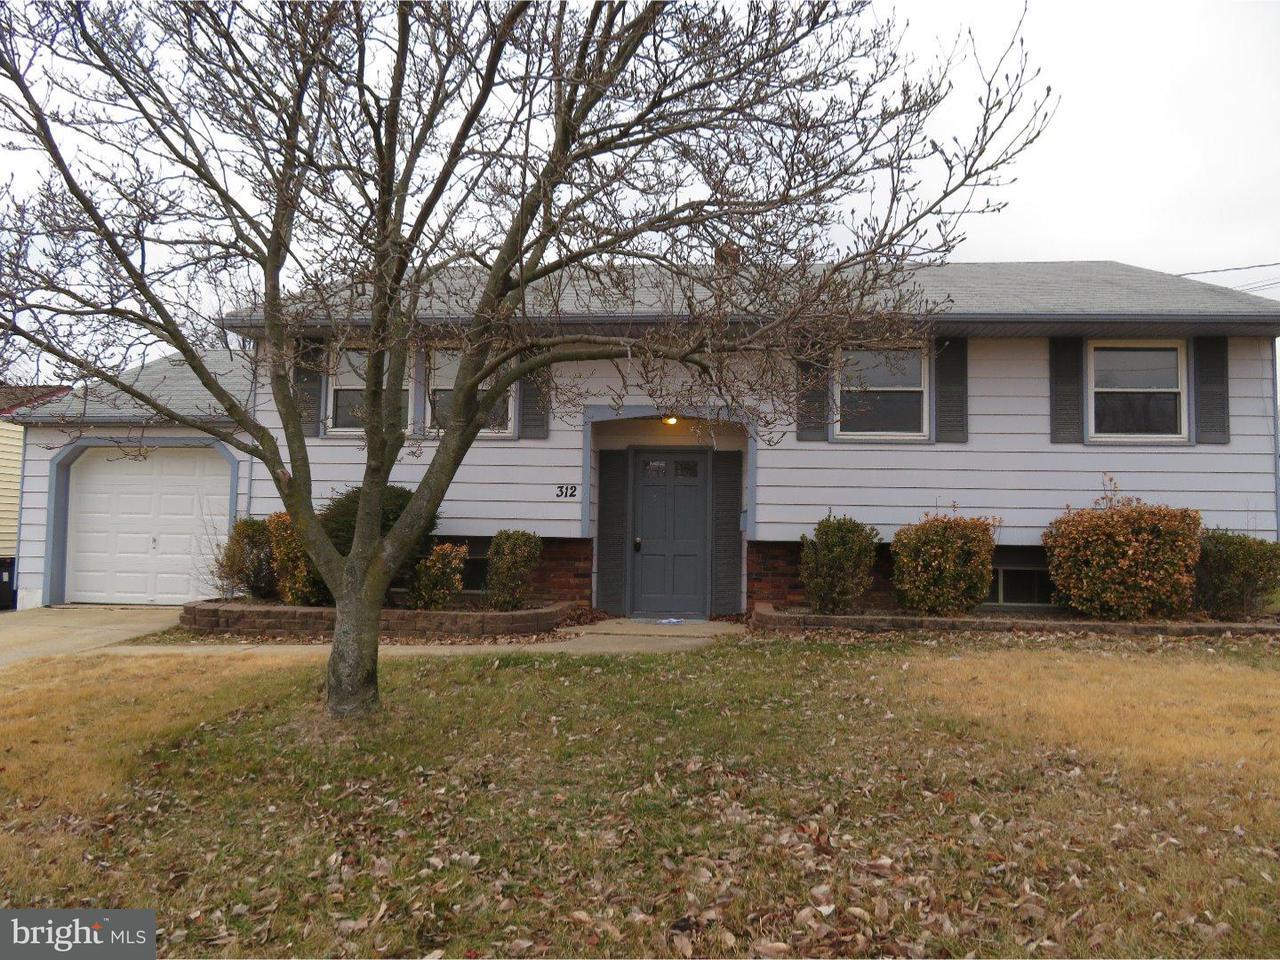 Частный односемейный дом для того Аренда на 312 ANTHONY Drive Bellmawr, Нью-Джерси 08031 Соединенные Штаты